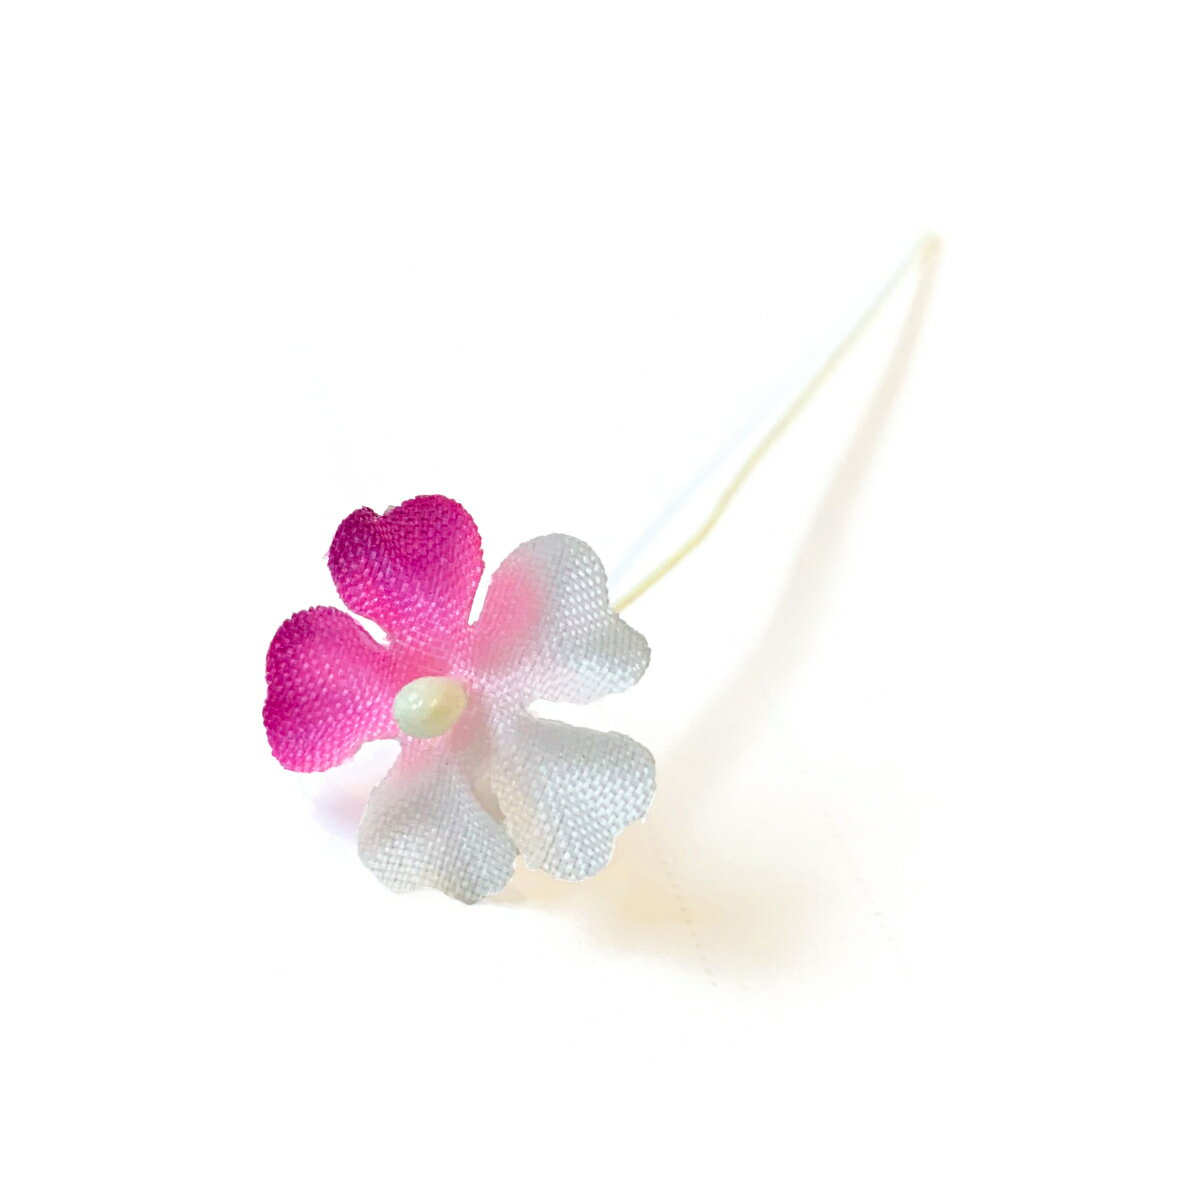 【アウトレット】造花 桜草・1枚ぼかし(1本) 髪飾りを作る小さなフラワー 使い方を動画で紹介